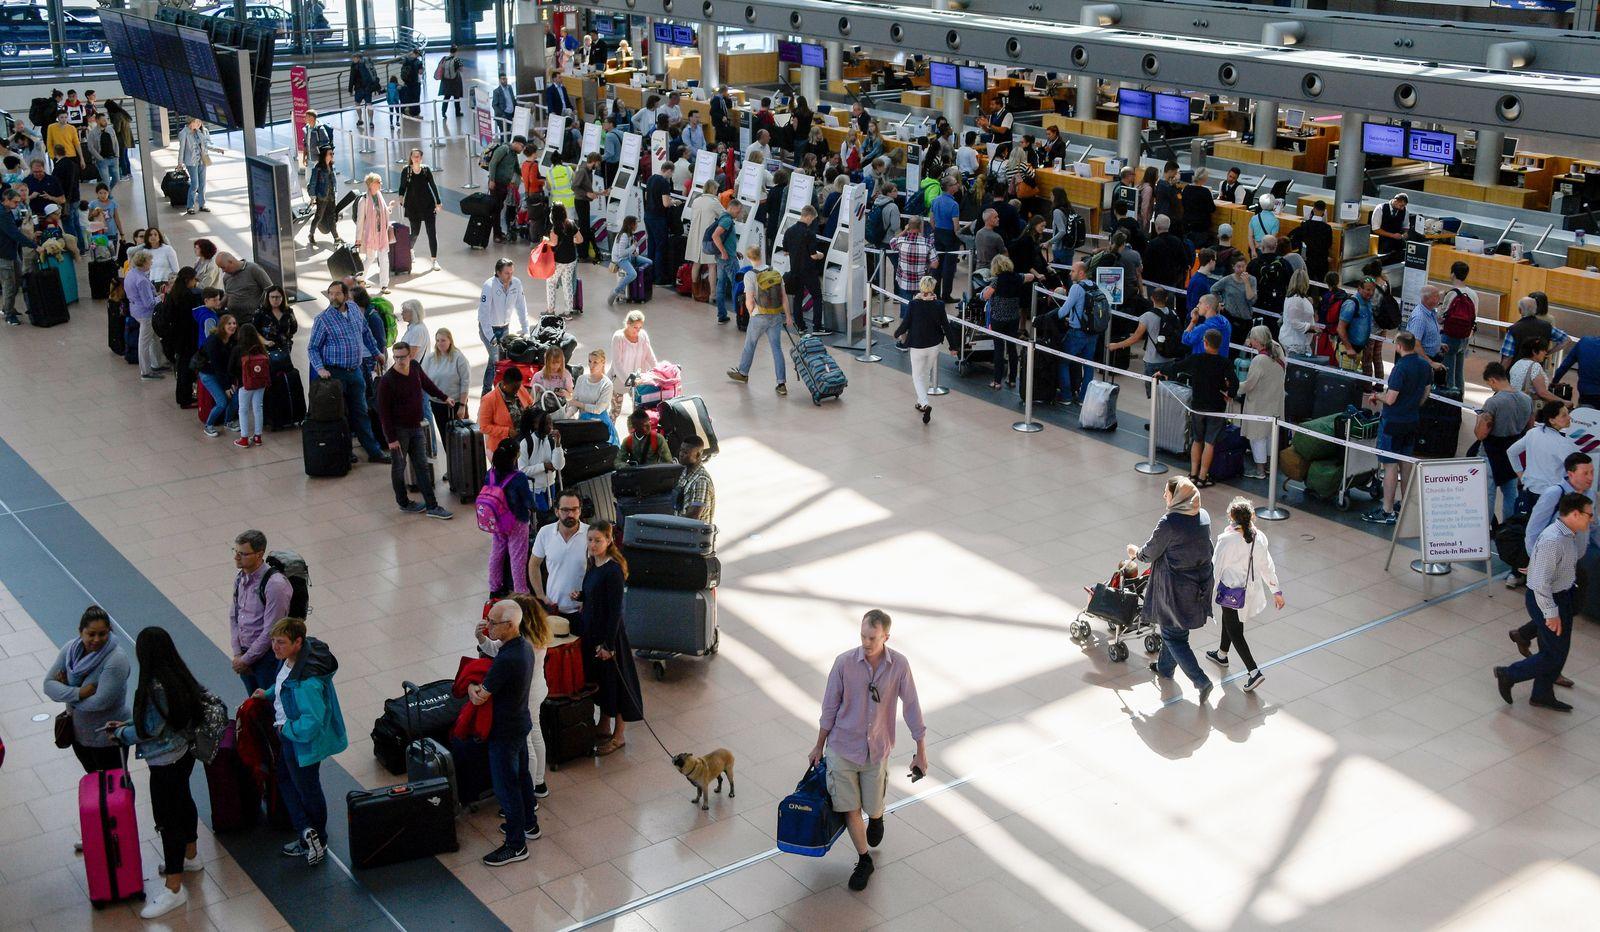 Flughafen Hamburg Check-in